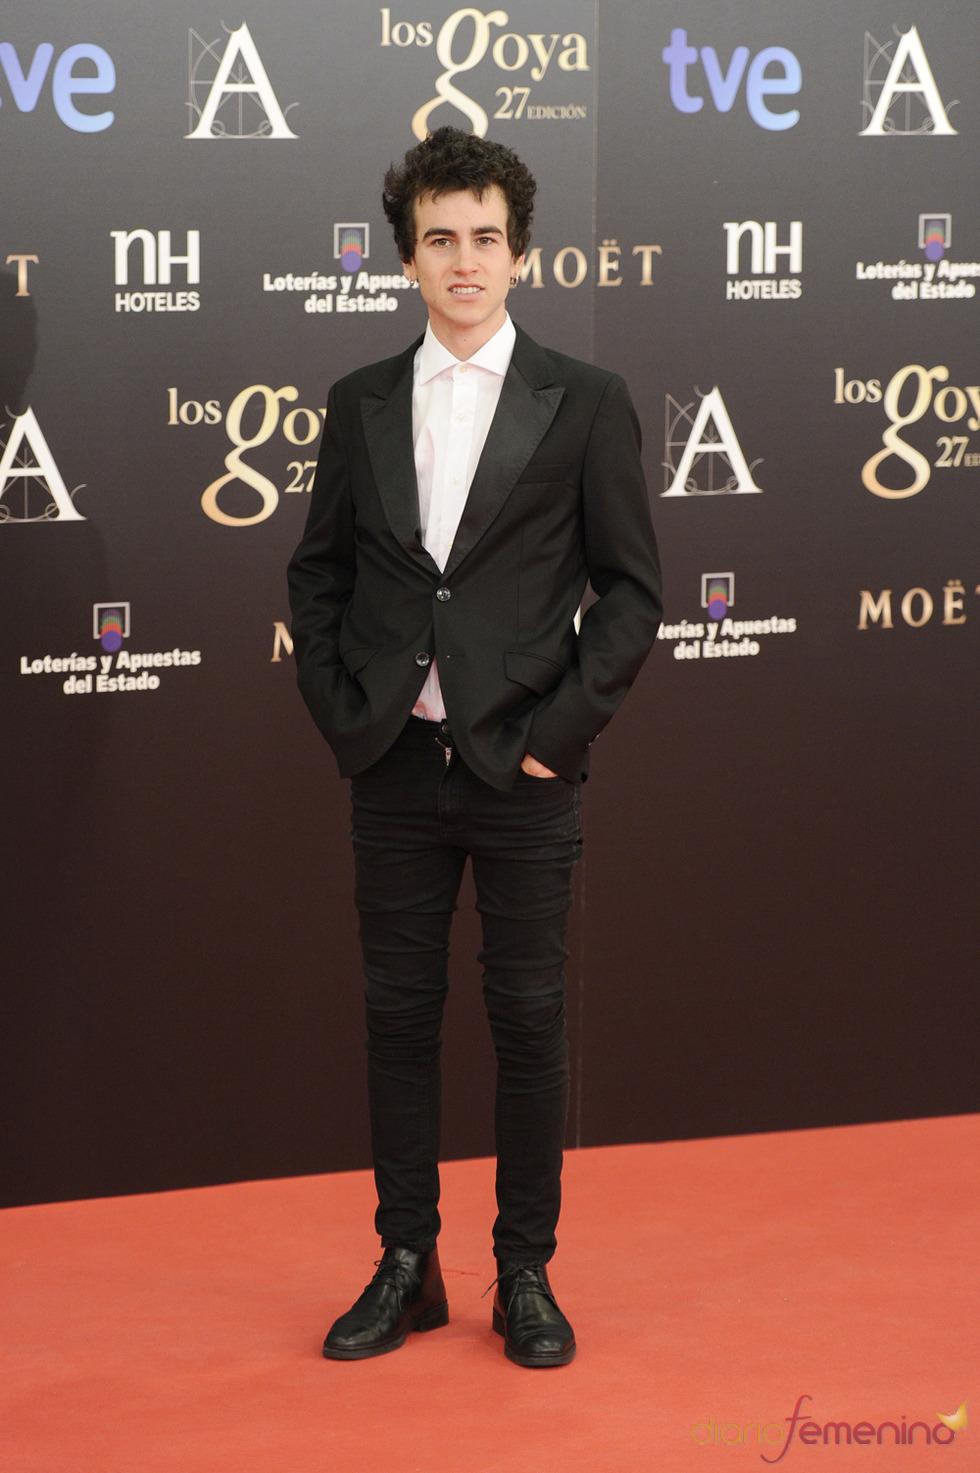 Alex Monner en la alfombra roja de los Goya 2013